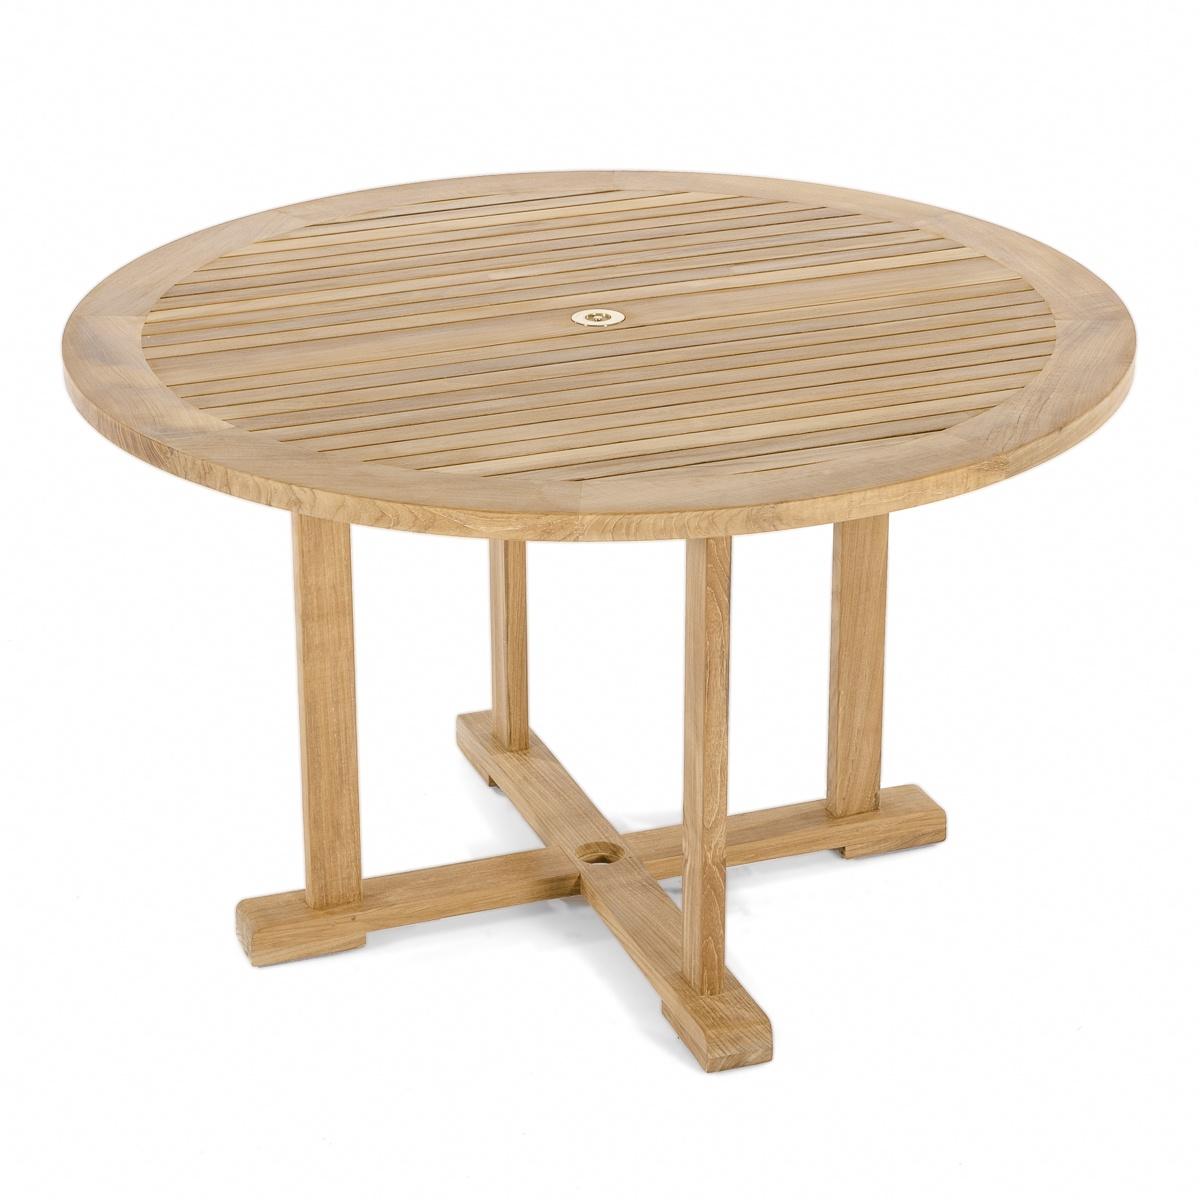 Westminster Teak 48in Round Teak Table - Westminster Teak ...